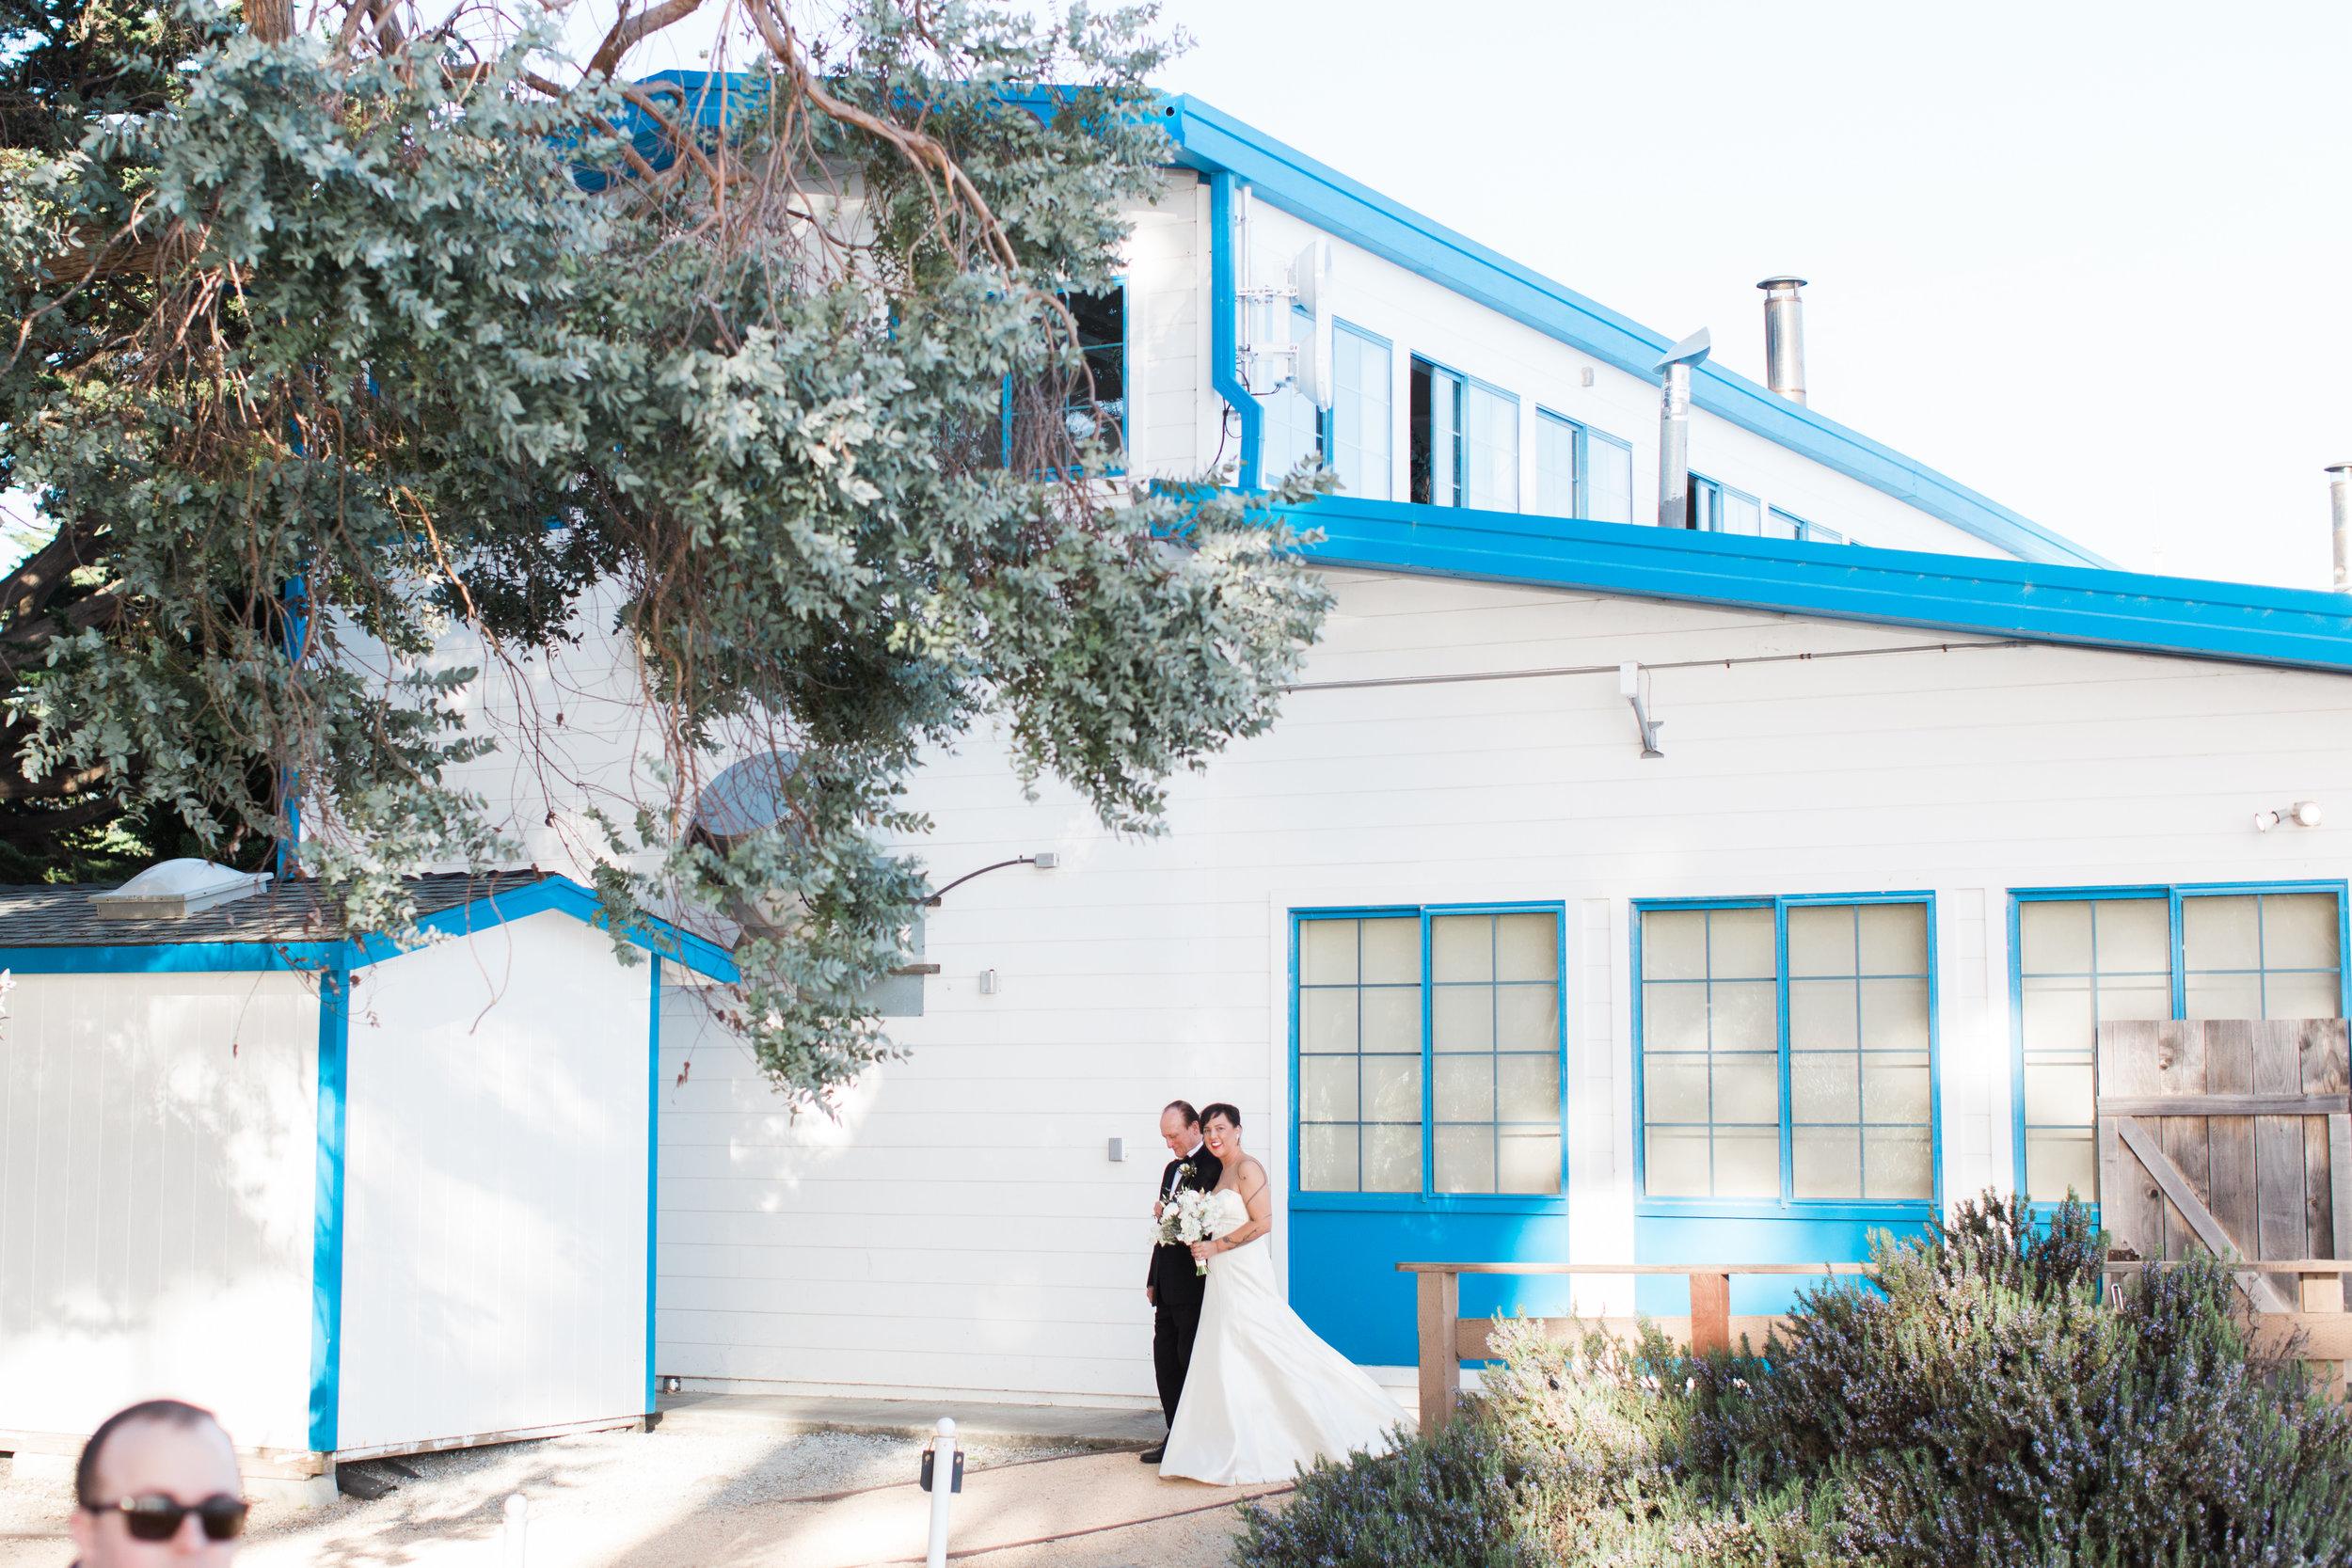 Mavericks-event-center-wedding-in-half-moon-bay-california162.jpg